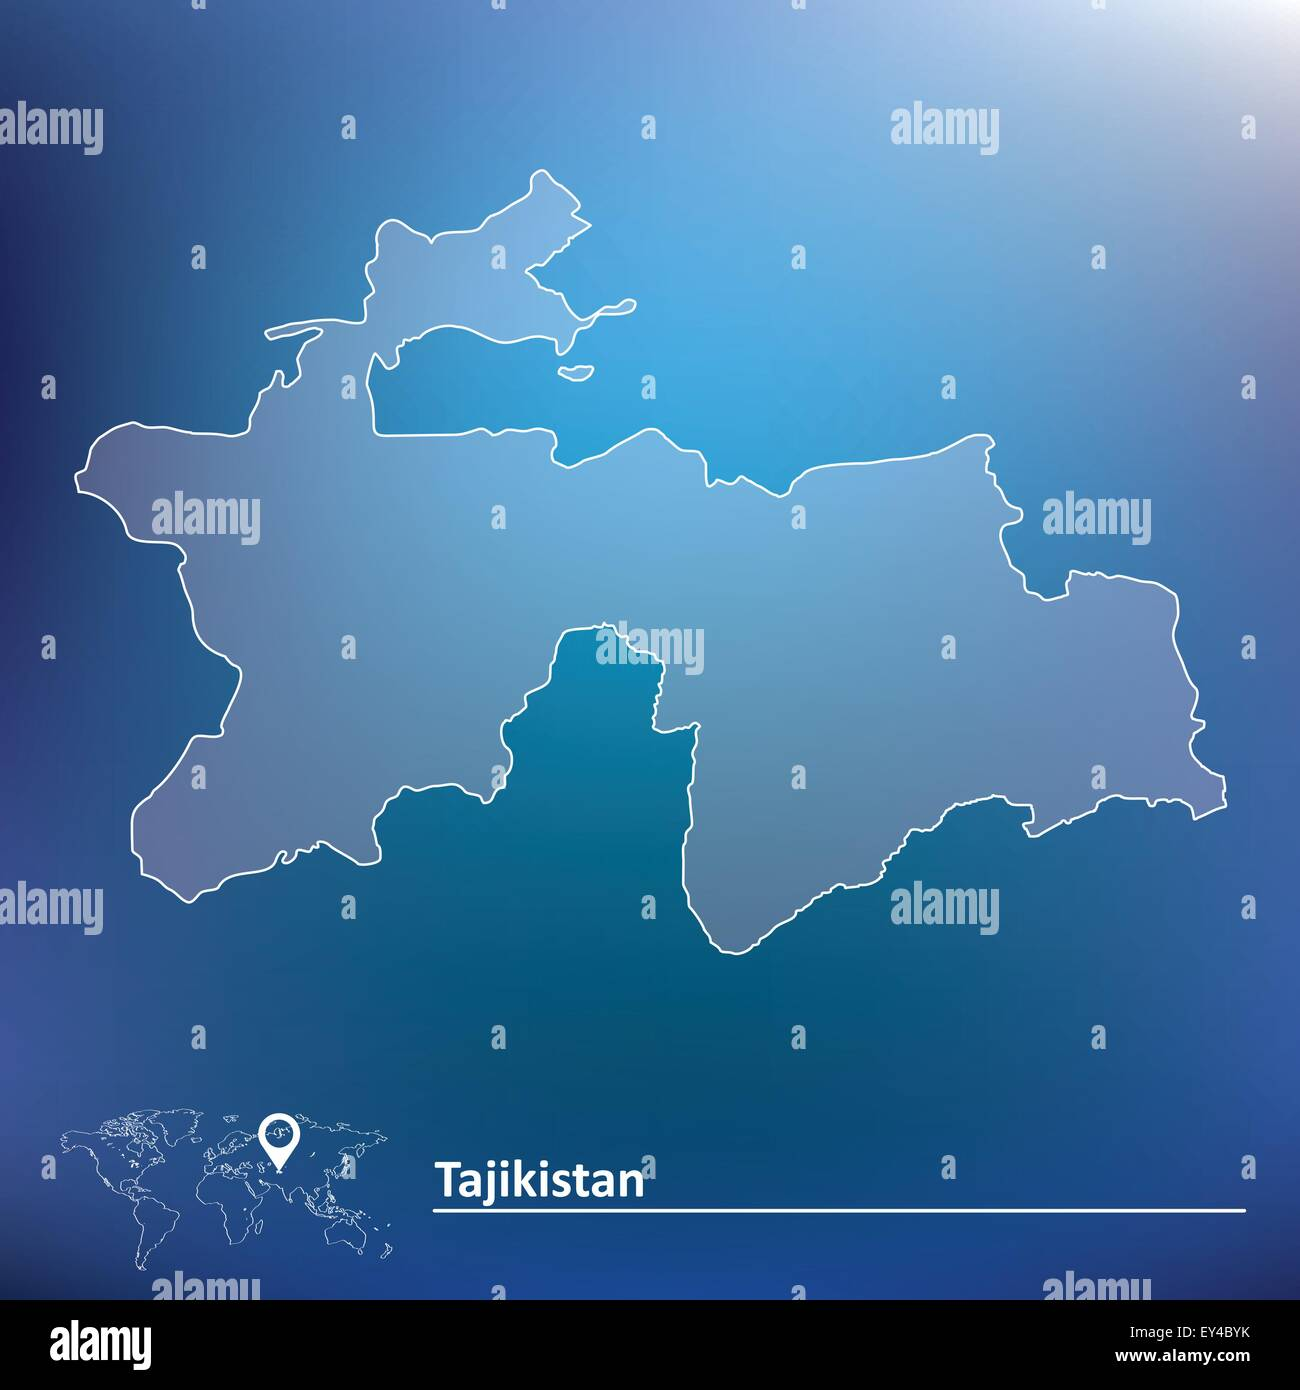 Map Of Tajikistan Vector Illustration Stock Vector Art - Tajikistan map vector